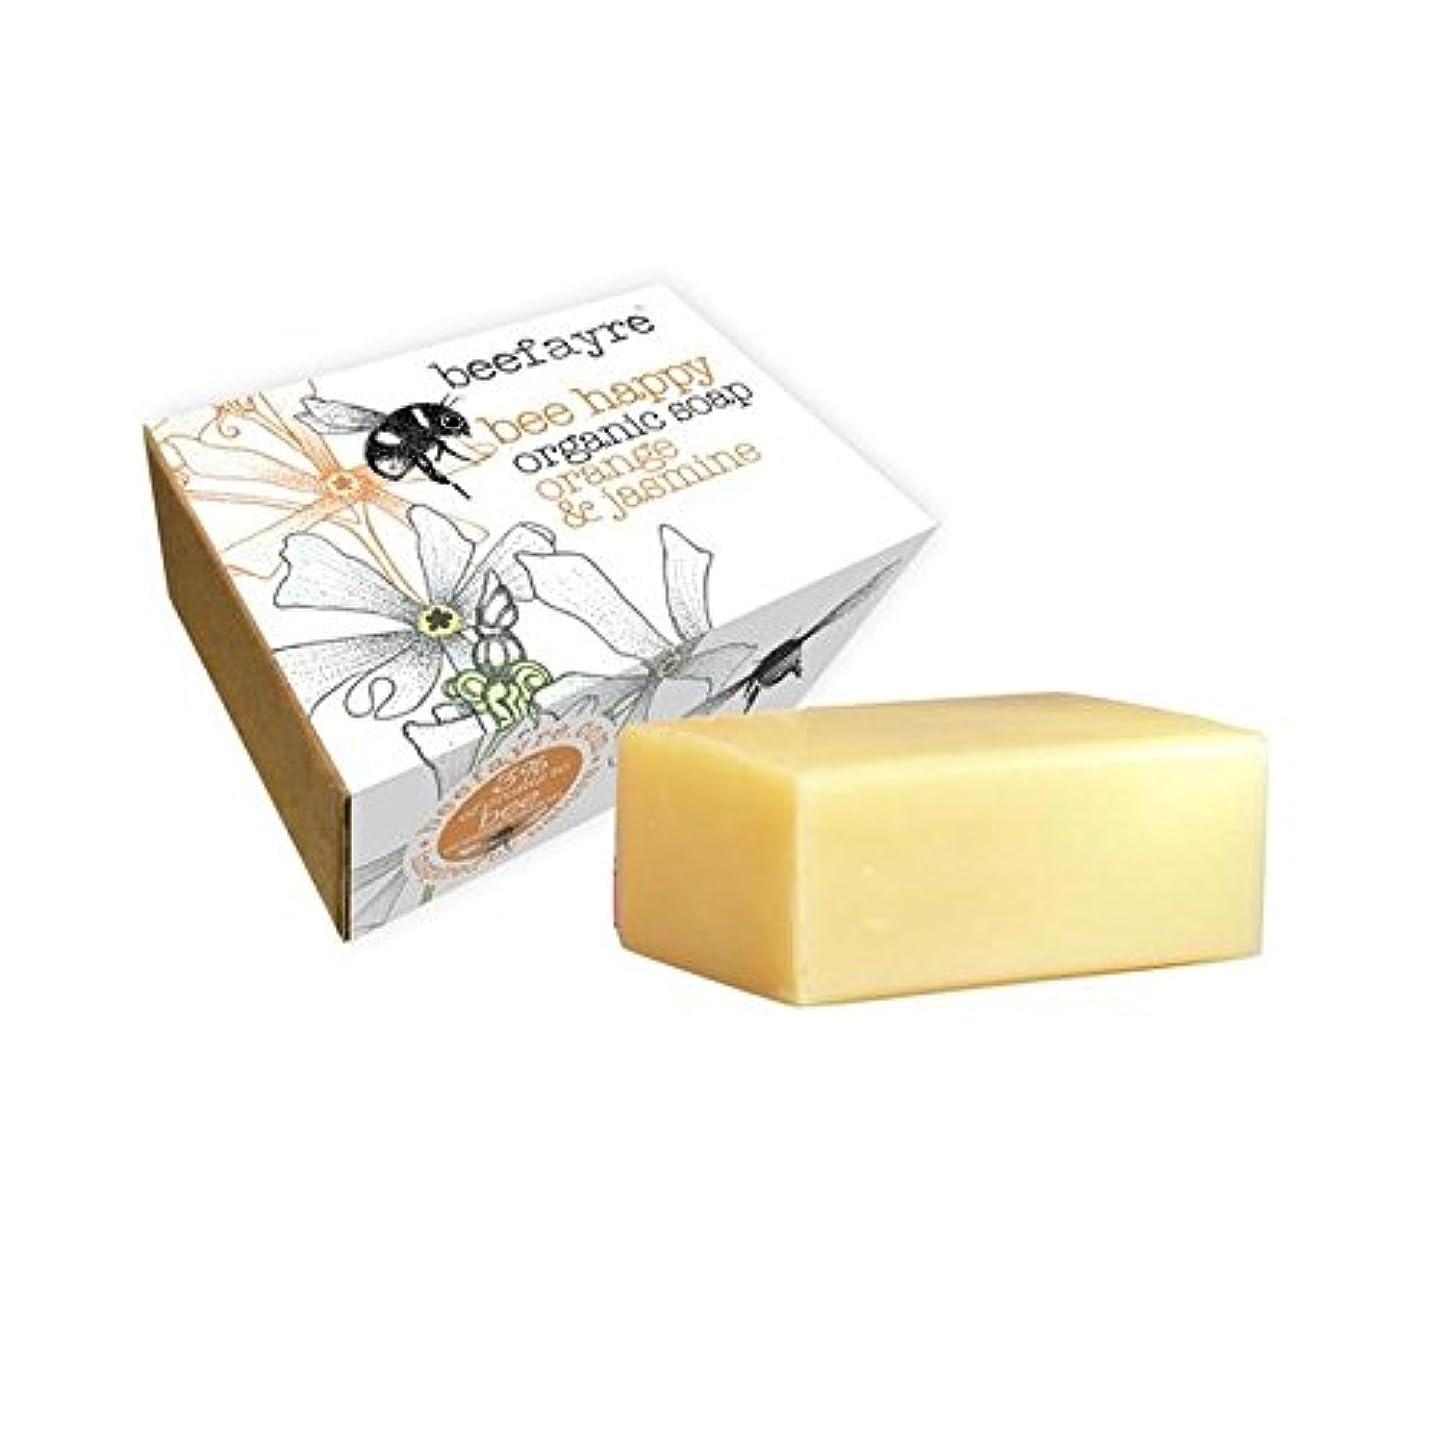 鹿二年生コットン[Beefayre] 有機オレンジ&ジャスミン石鹸Beefayre - Beefayre Organic Orange & Jasmine Soap [並行輸入品]